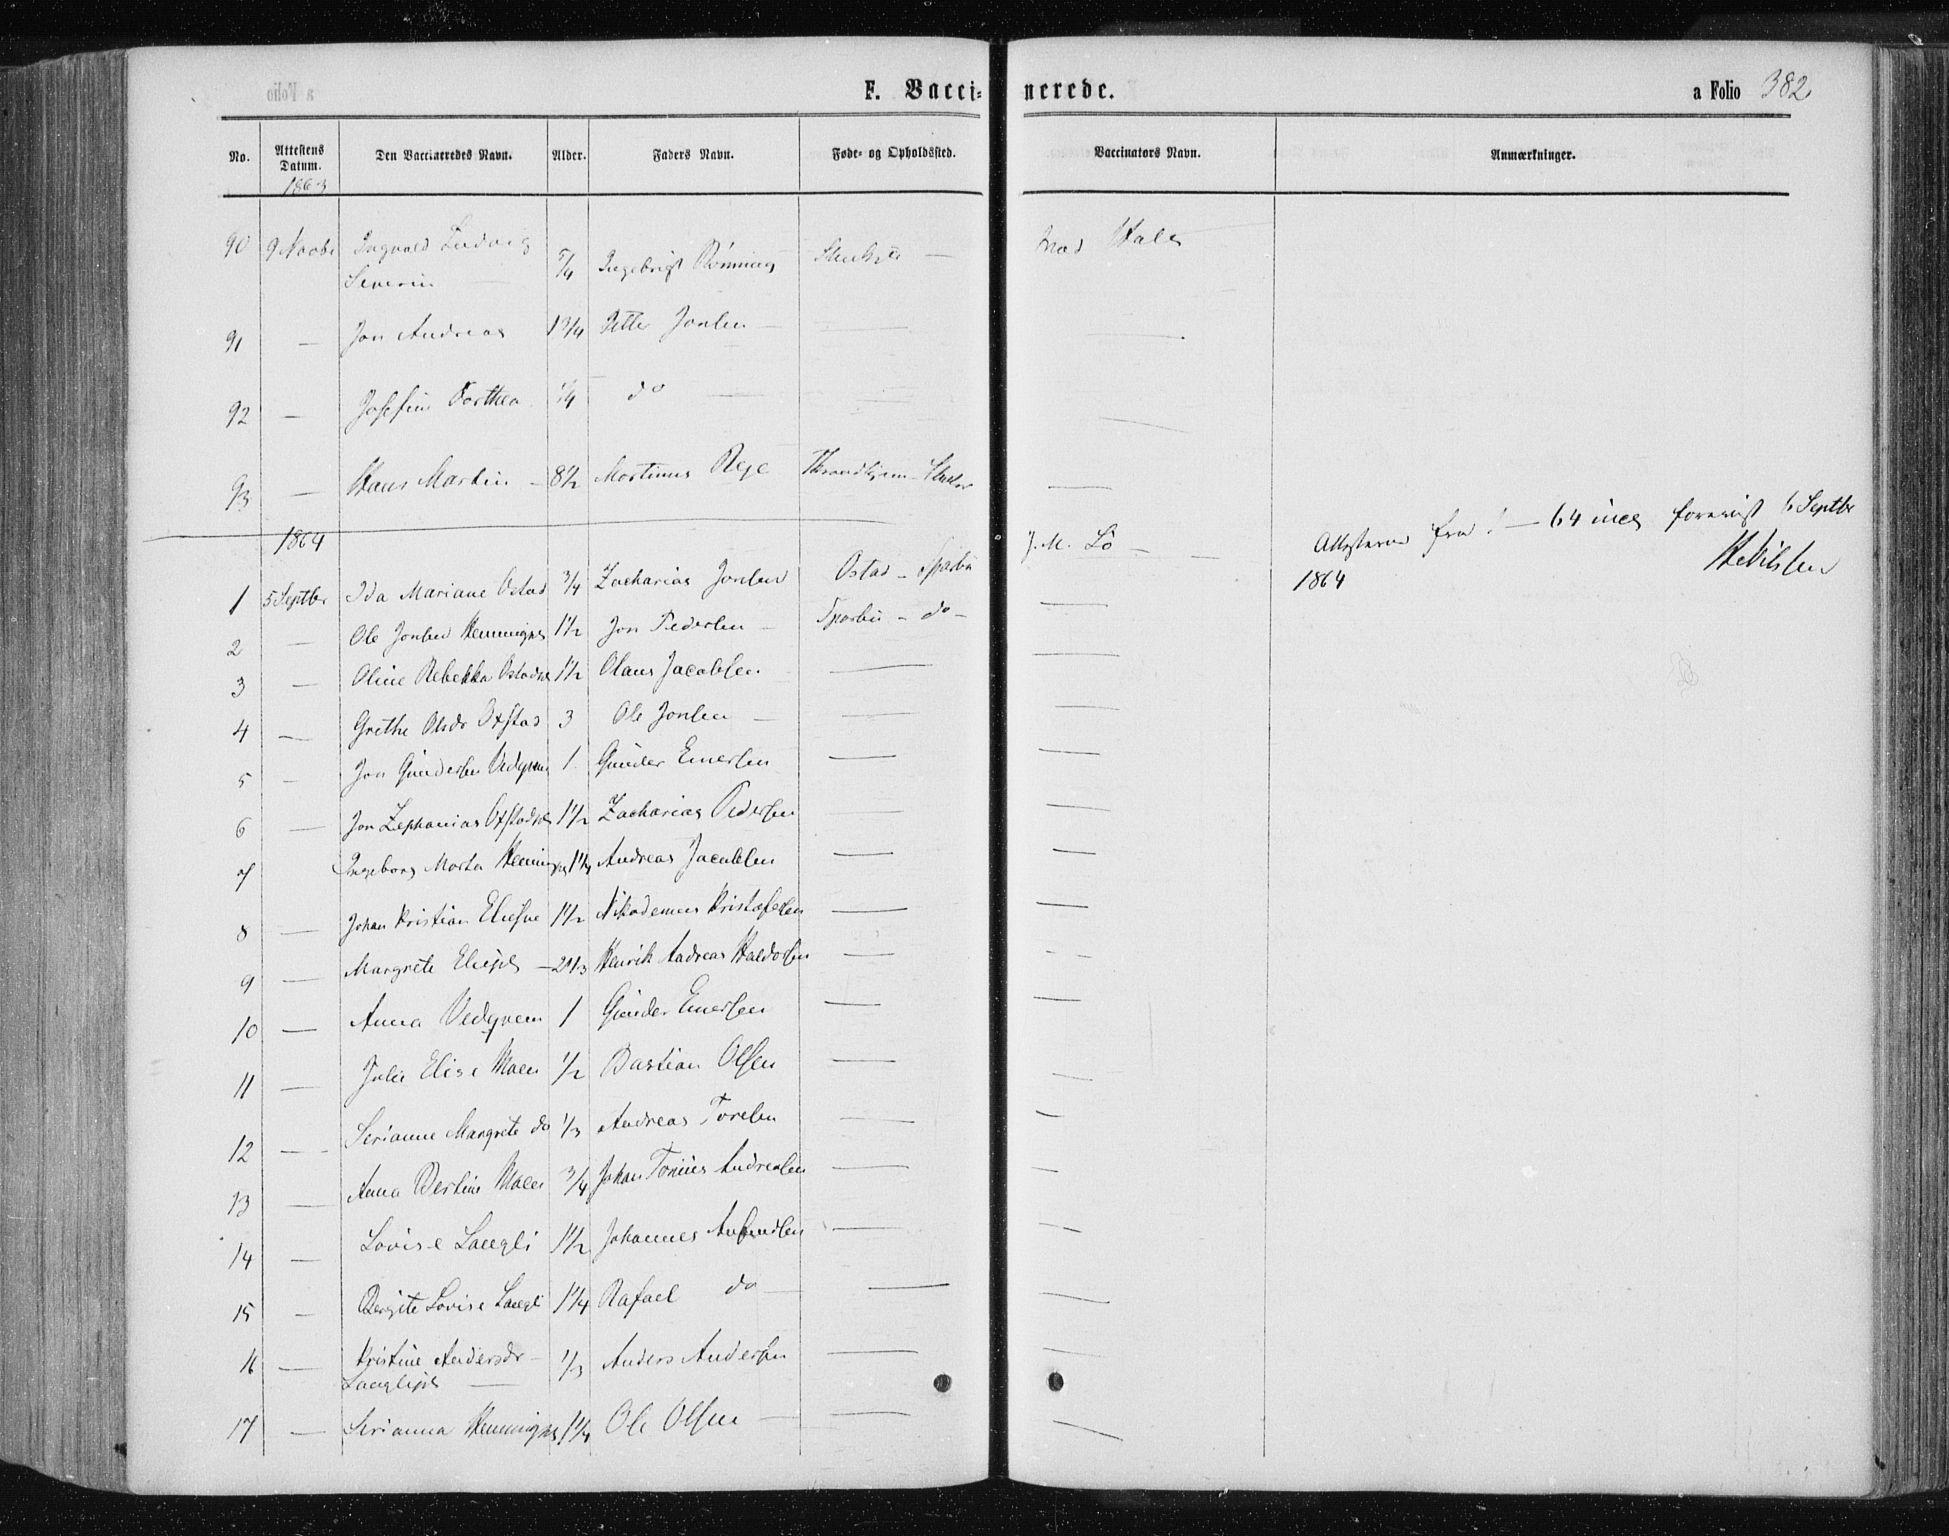 SAT, Ministerialprotokoller, klokkerbøker og fødselsregistre - Nord-Trøndelag, 735/L0345: Ministerialbok nr. 735A08 /1, 1863-1872, s. 382